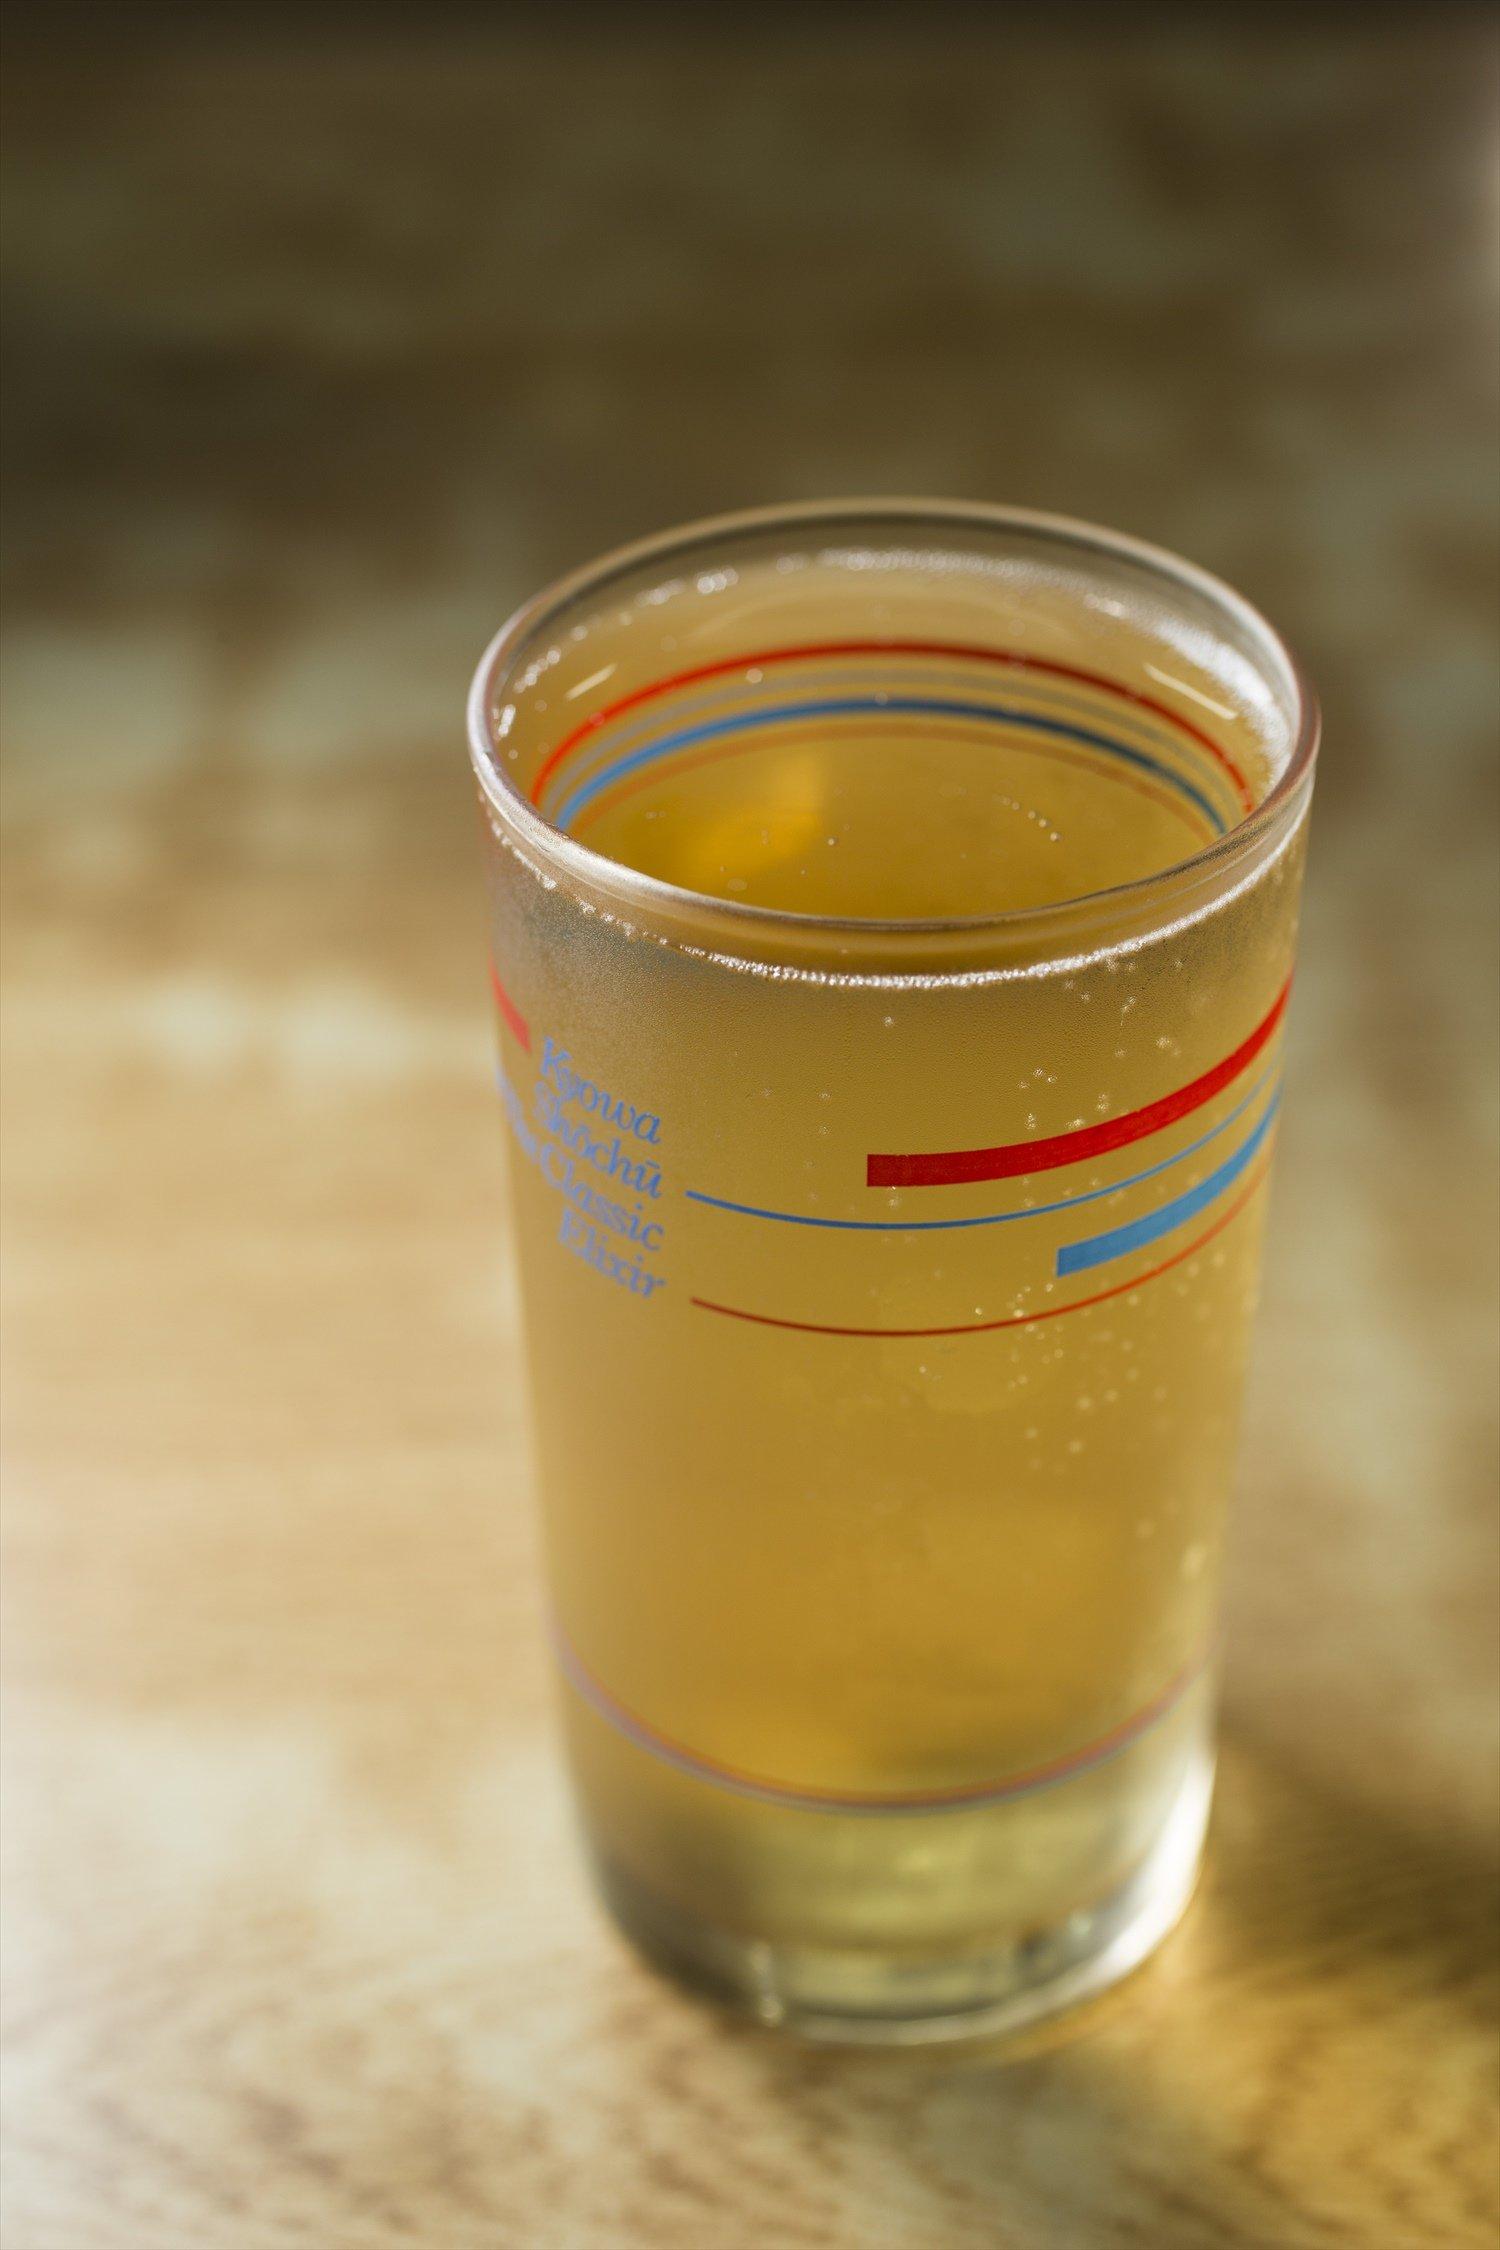 焼酎を今や幻の酒ともいわれるホイスで割った酎ハイ(ホイスハイボール)340円。